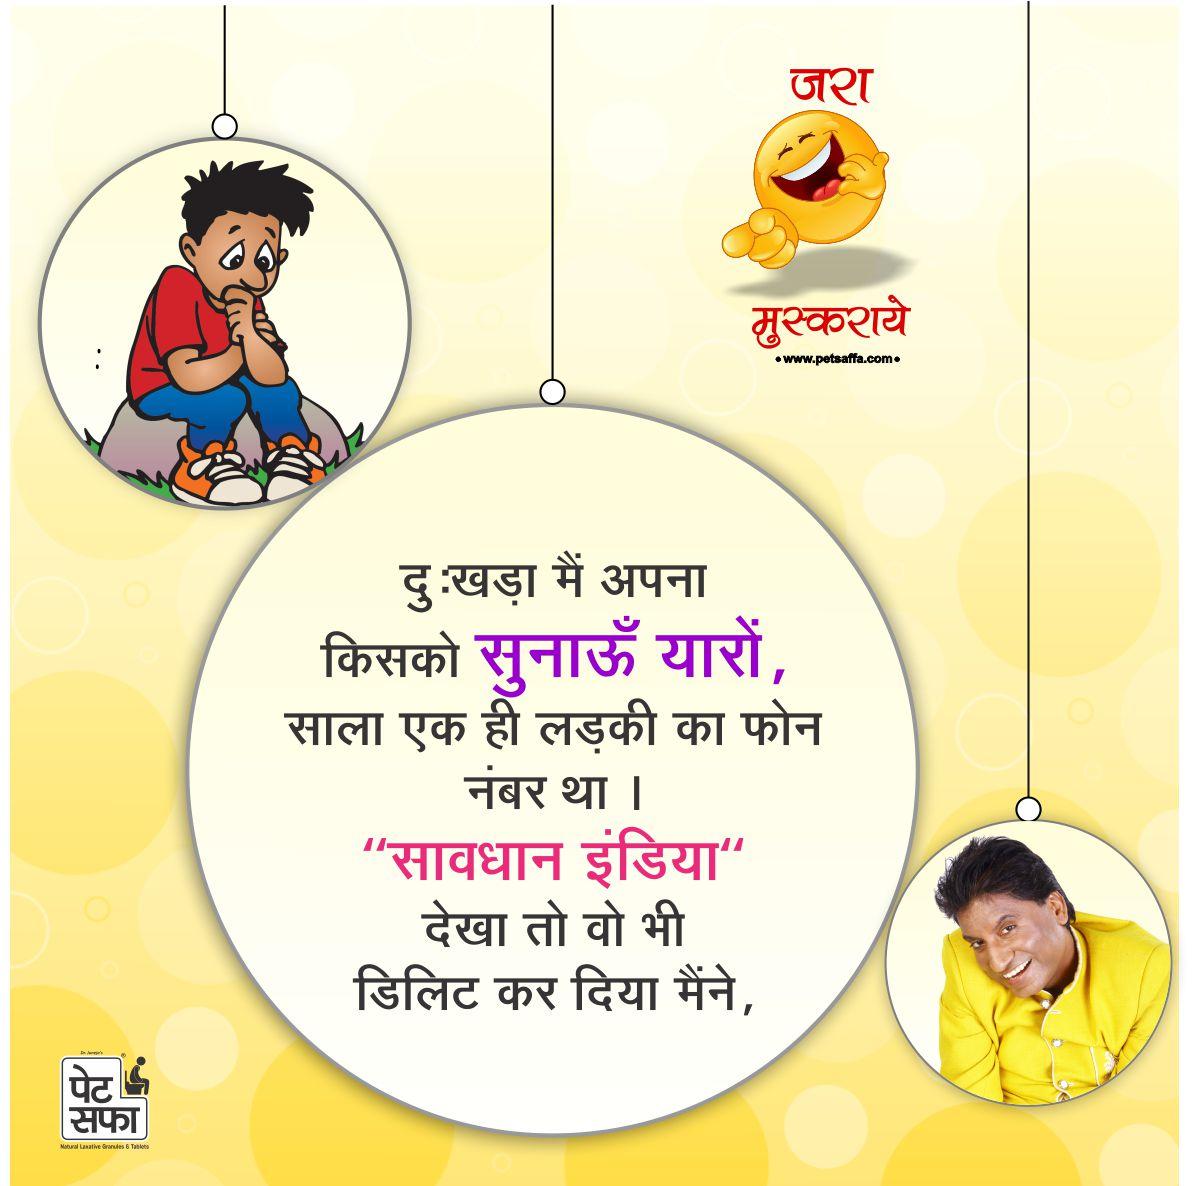 Jokes On Savdhaan India